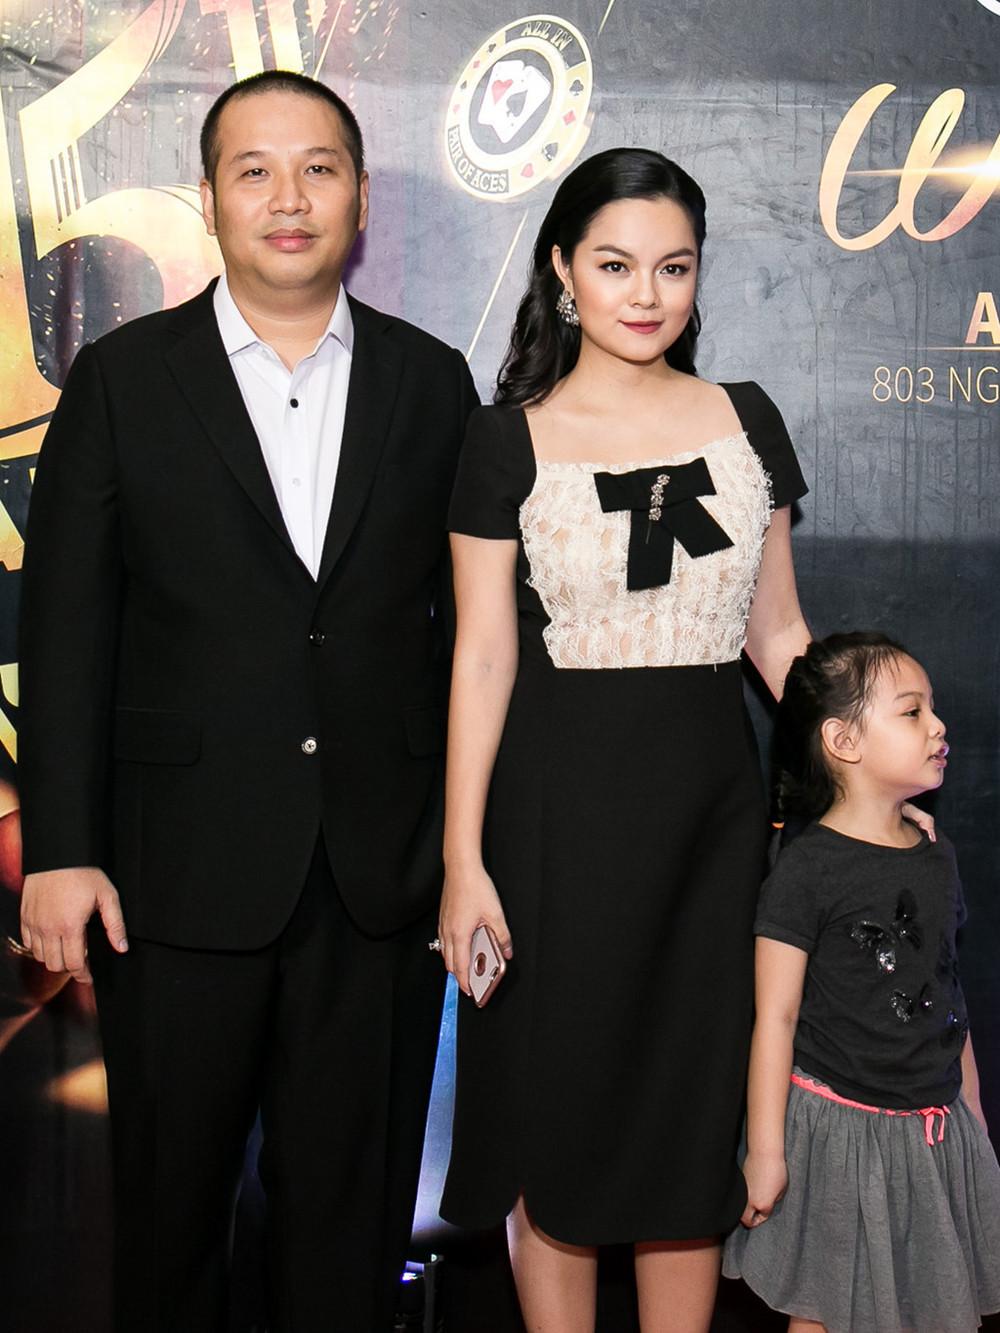 Phạm Quỳnh Anh xúc động cám ơn Quang Huy cho cô hát nhạc miễn phí sau ly hôn